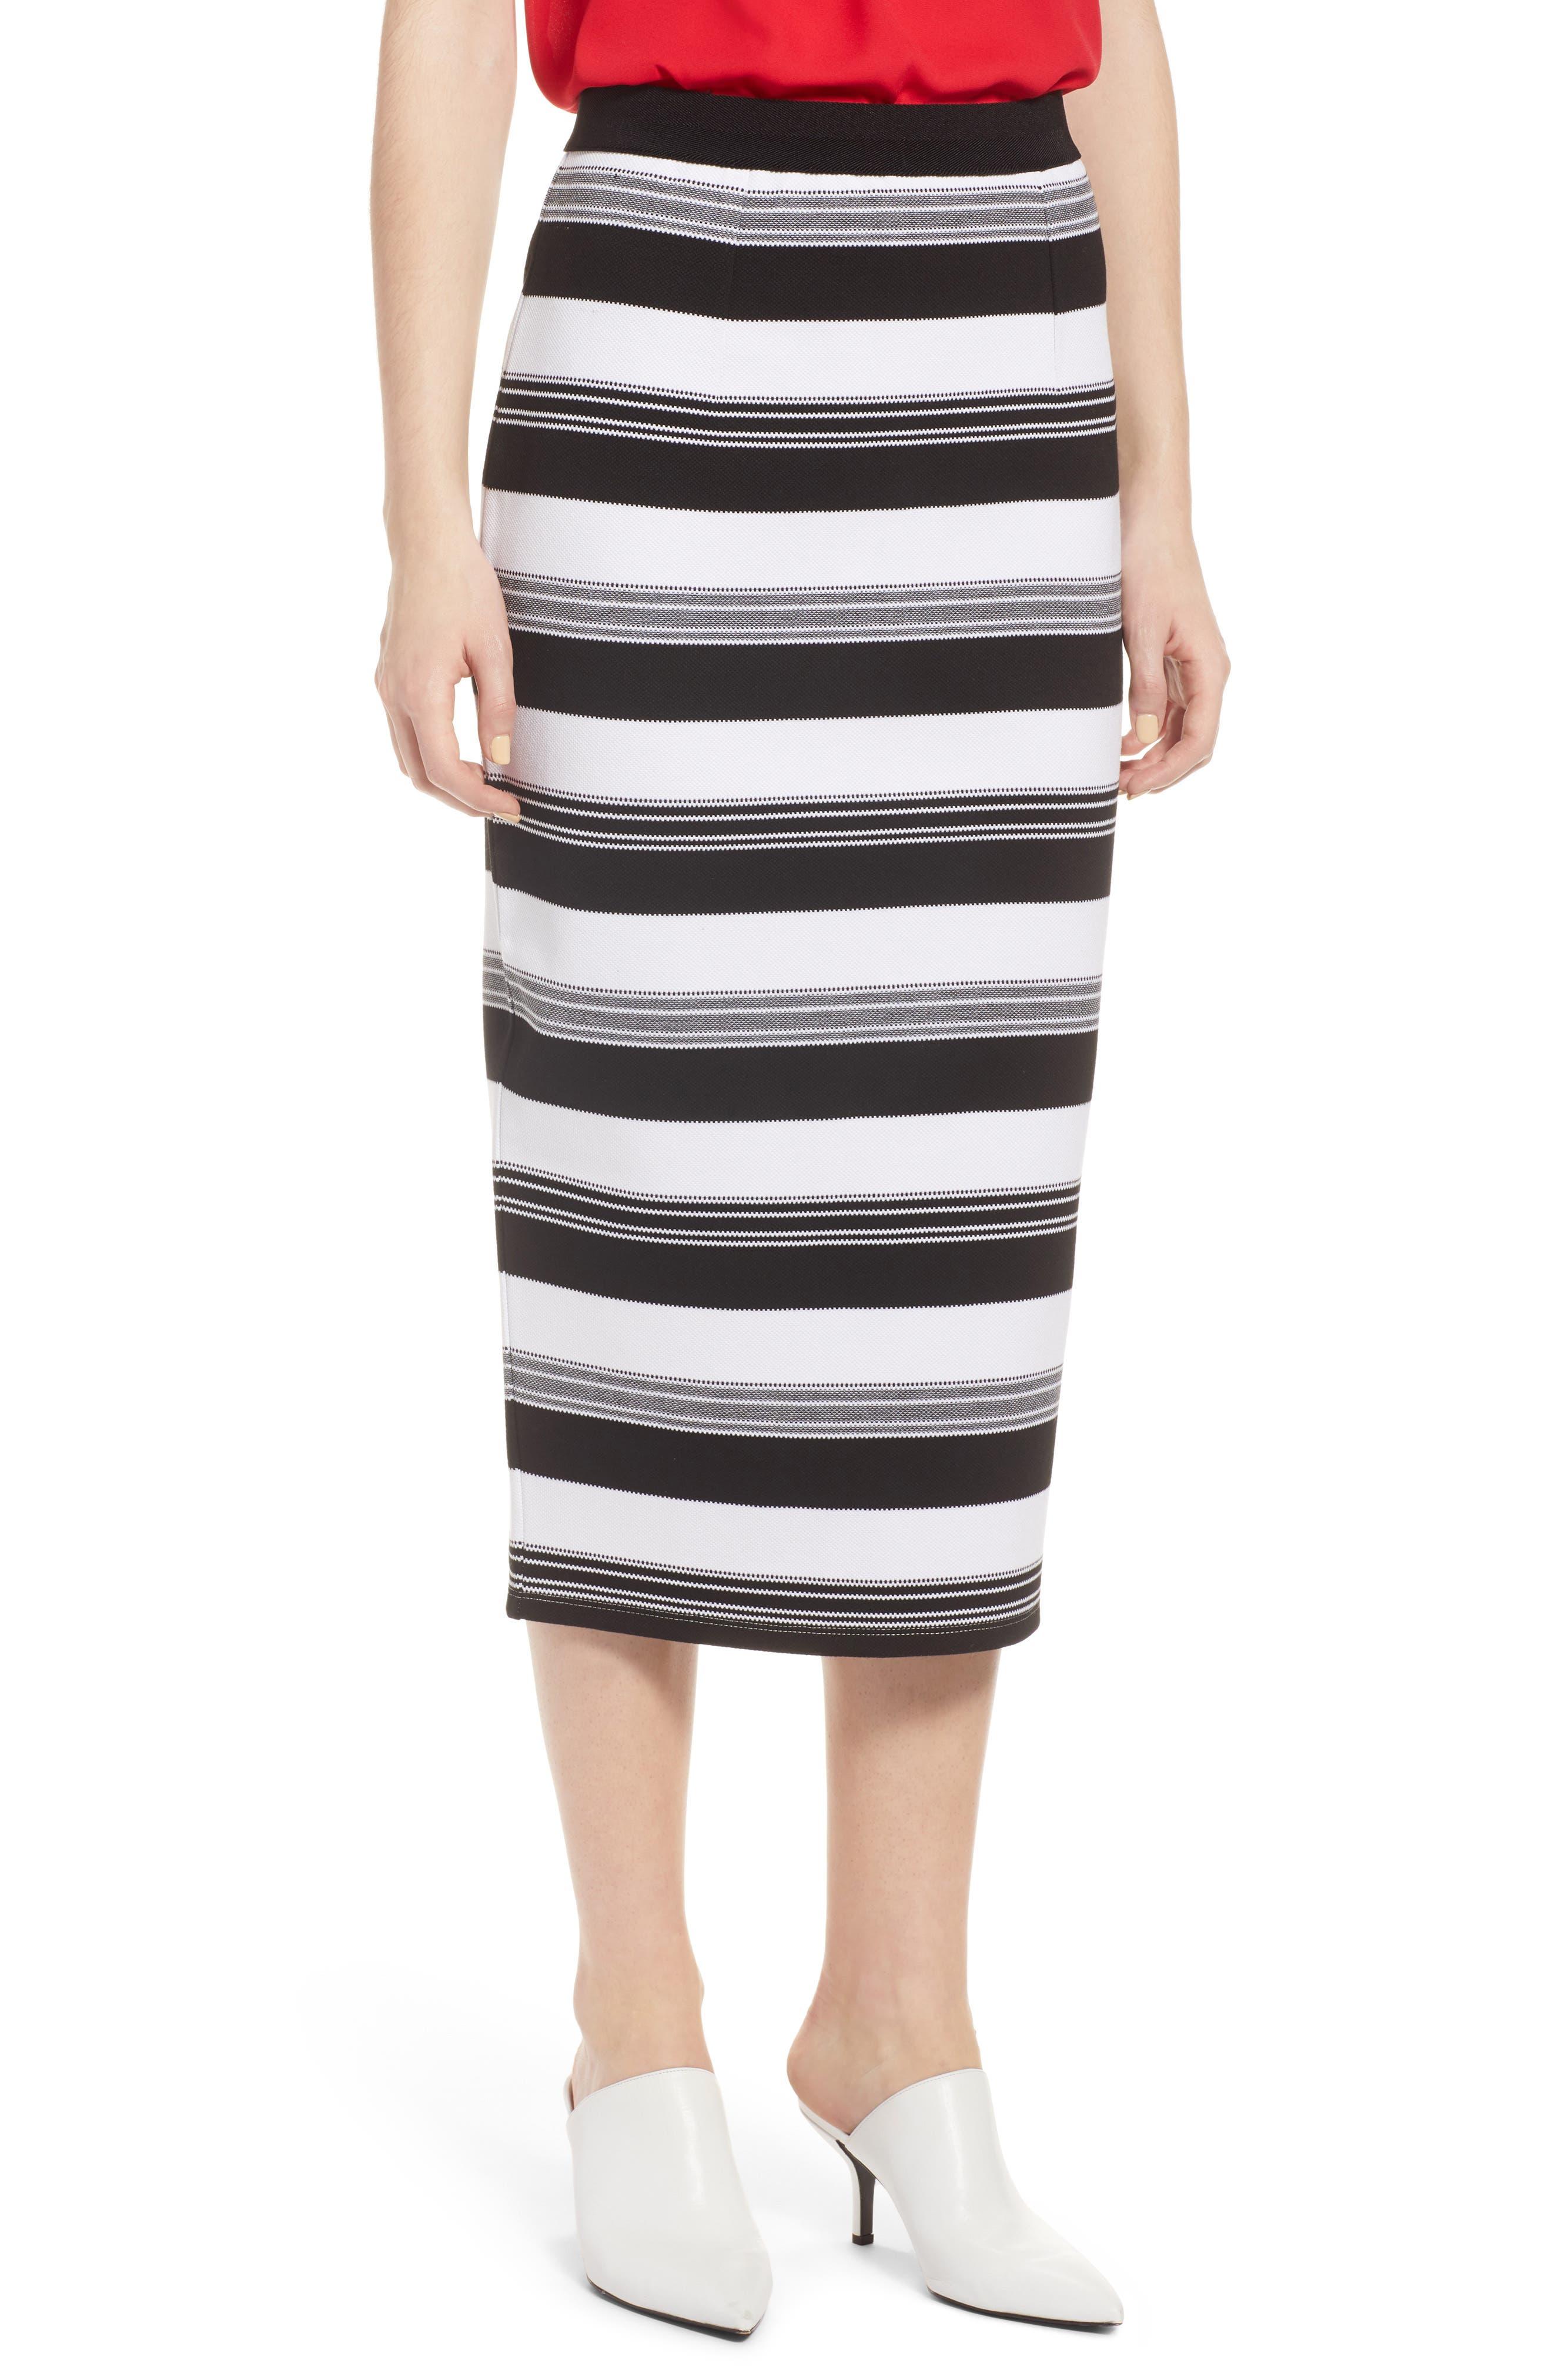 Knit Pencil Skirt,                             Main thumbnail 1, color,                             Black- Ivory Stripe